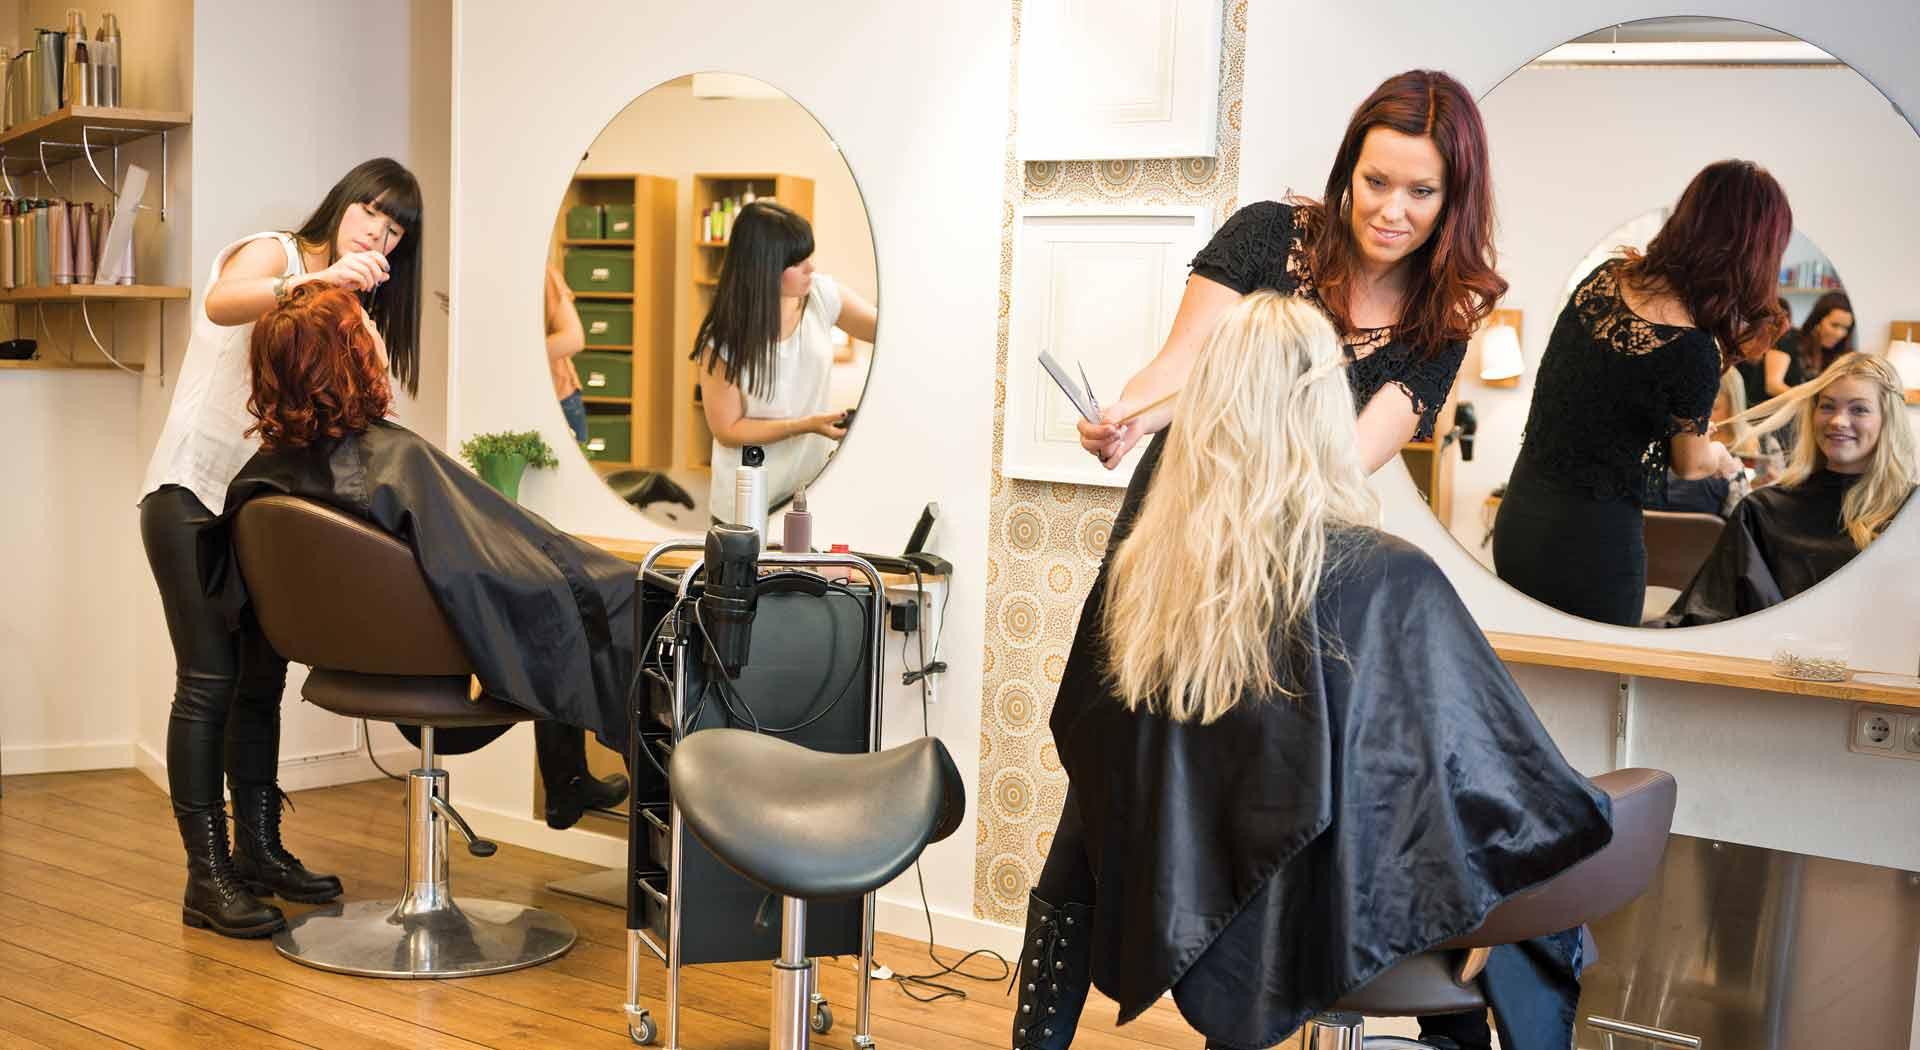 Imagem ilustrativa de como ganhar dinheiro como cabelereiro